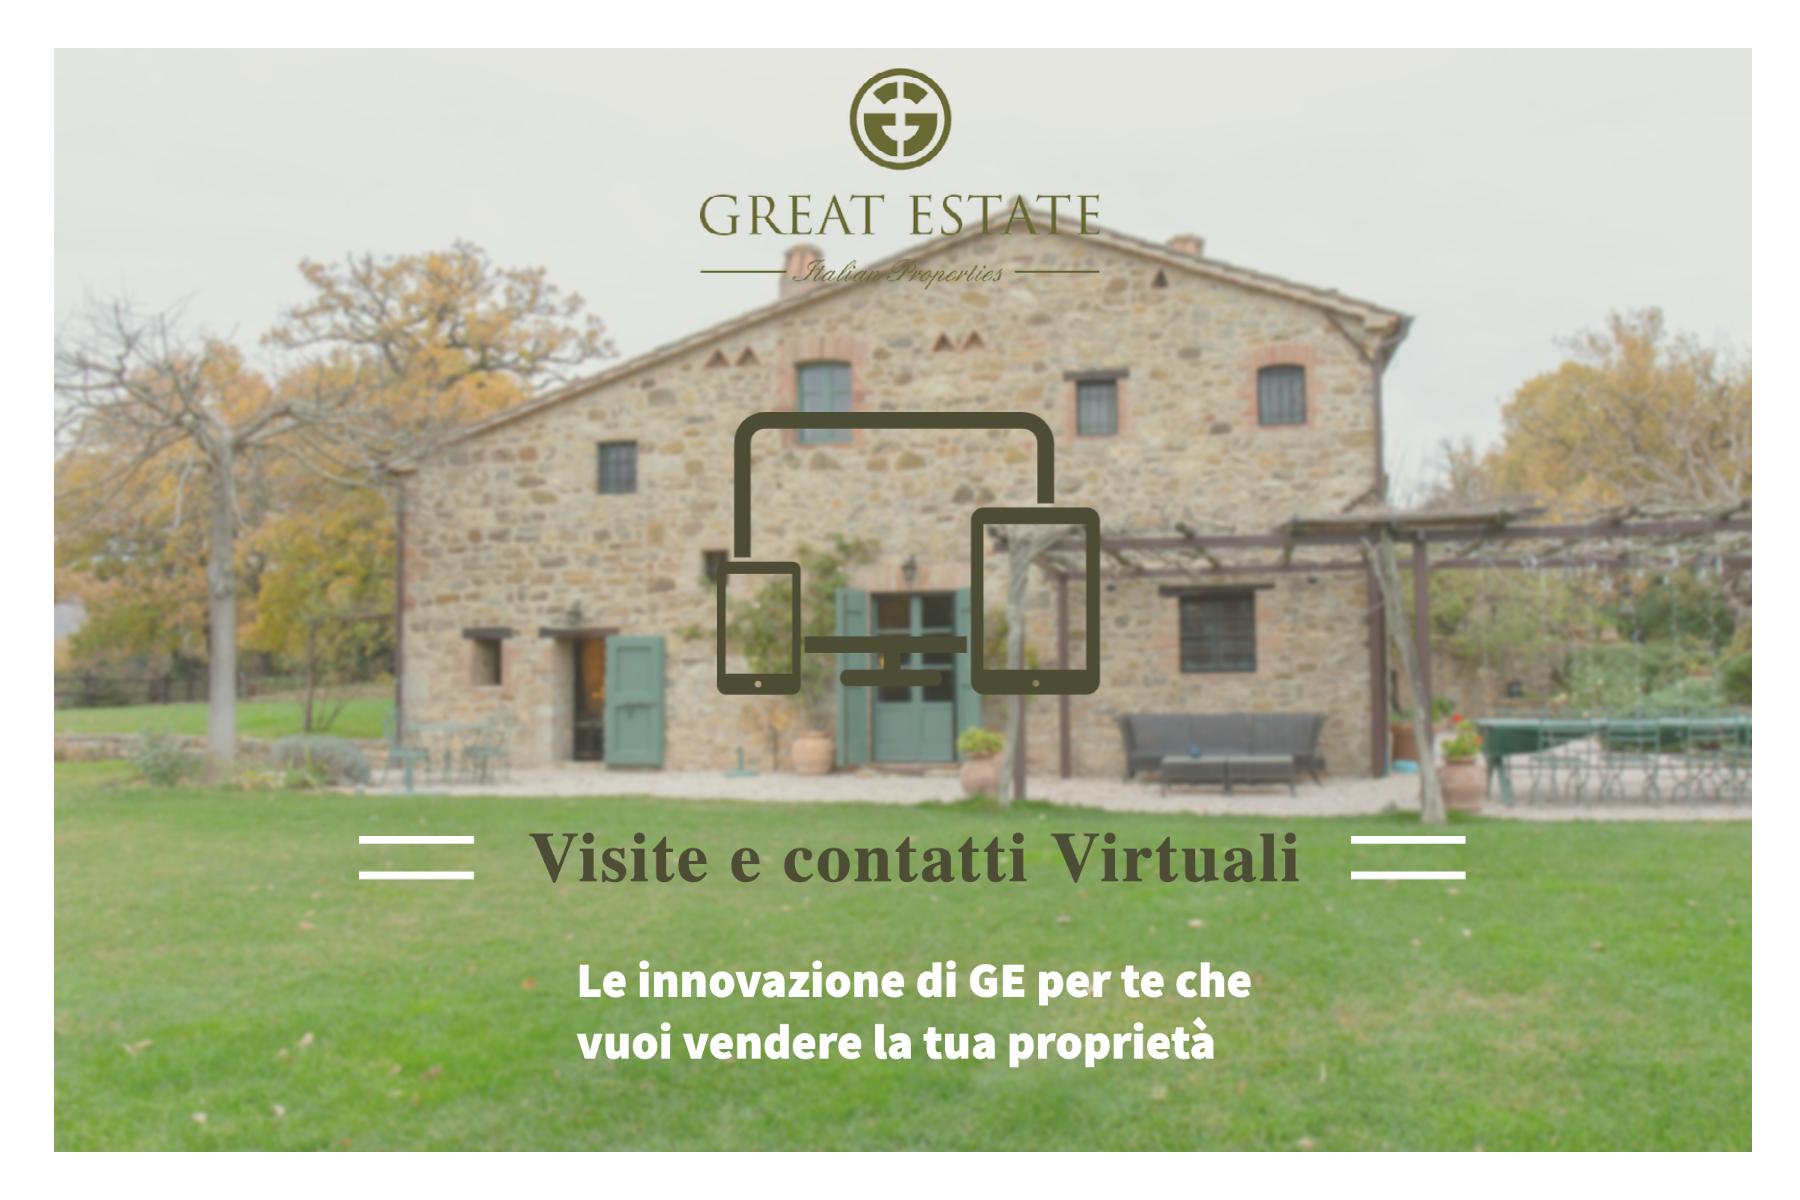 Инновации GE – Виртуальные визиты и контакты – для тех, кто хочет продать свою собственность